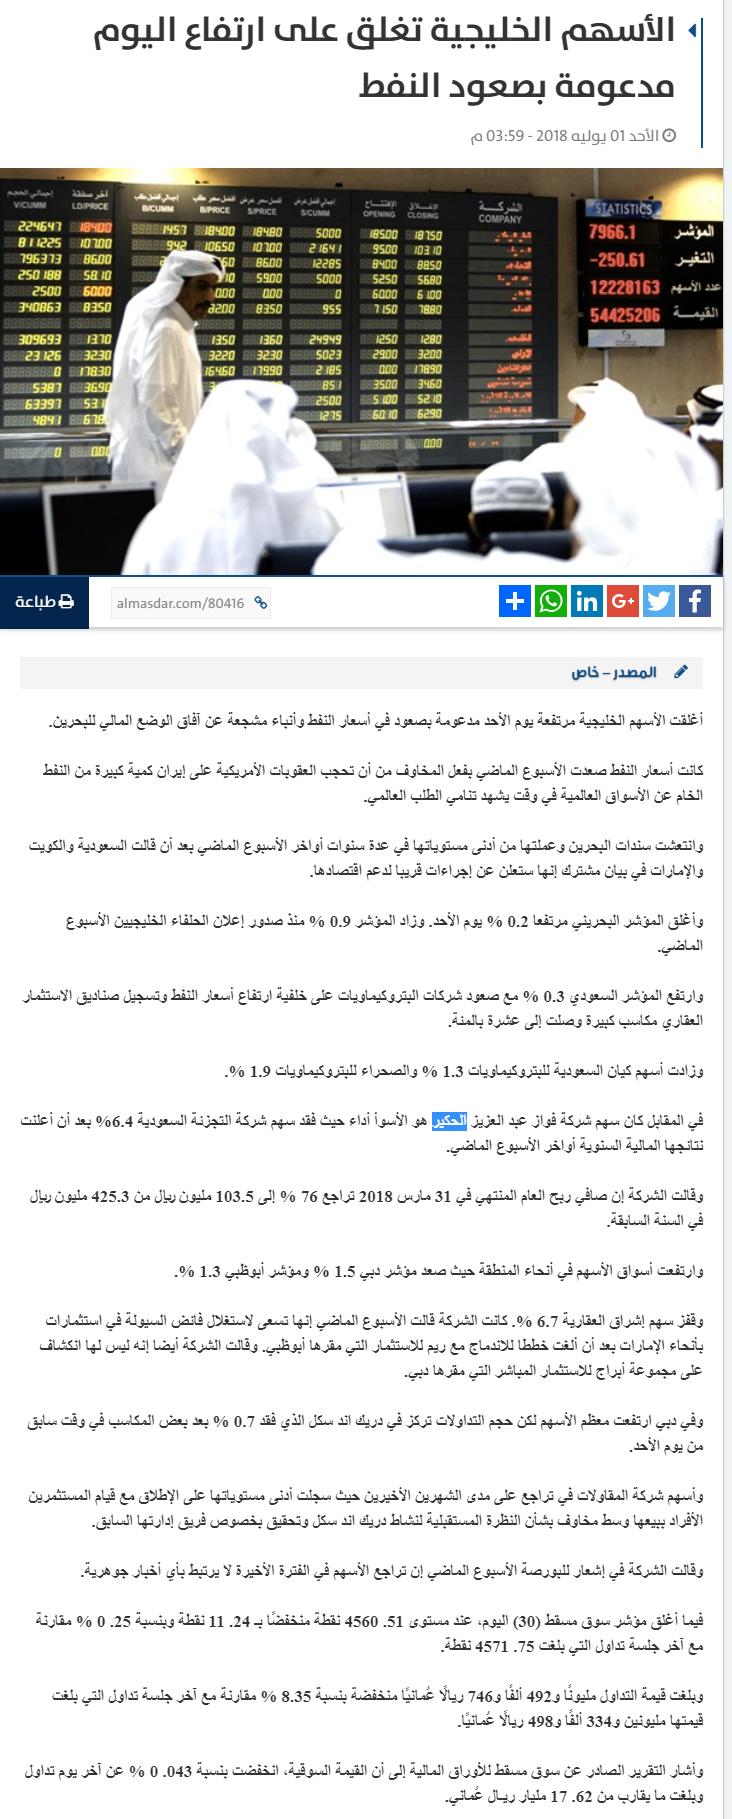 FireShot Capture 964 - جريدة المصدر_ الأسهم الخليجية تغلق على ارتفا_ - http___www.almasdar.com_80416.png